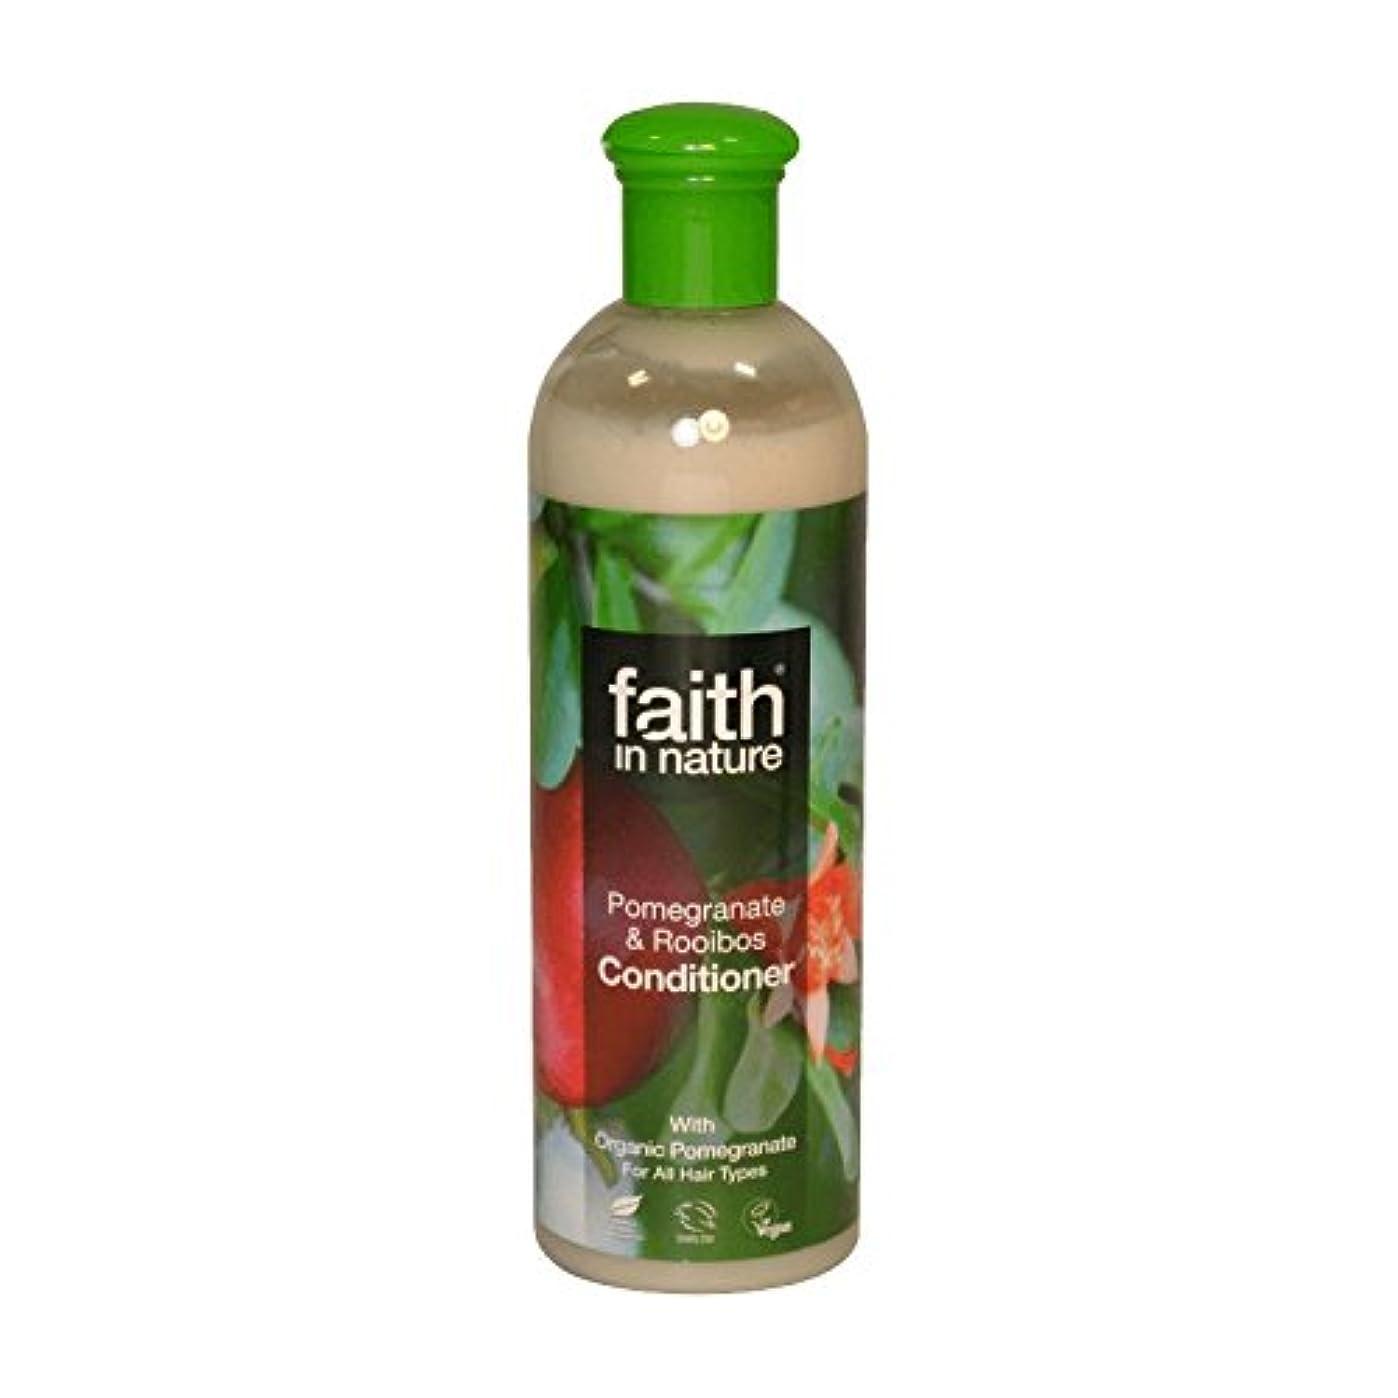 増幅器食品アロングFaith in Nature Pomegranate & Roobios Conditioner 400ml (Pack of 2) - 自然ザクロ&Roobiosコンディショナー400ミリリットルの信仰 (x2) [並行輸入品]